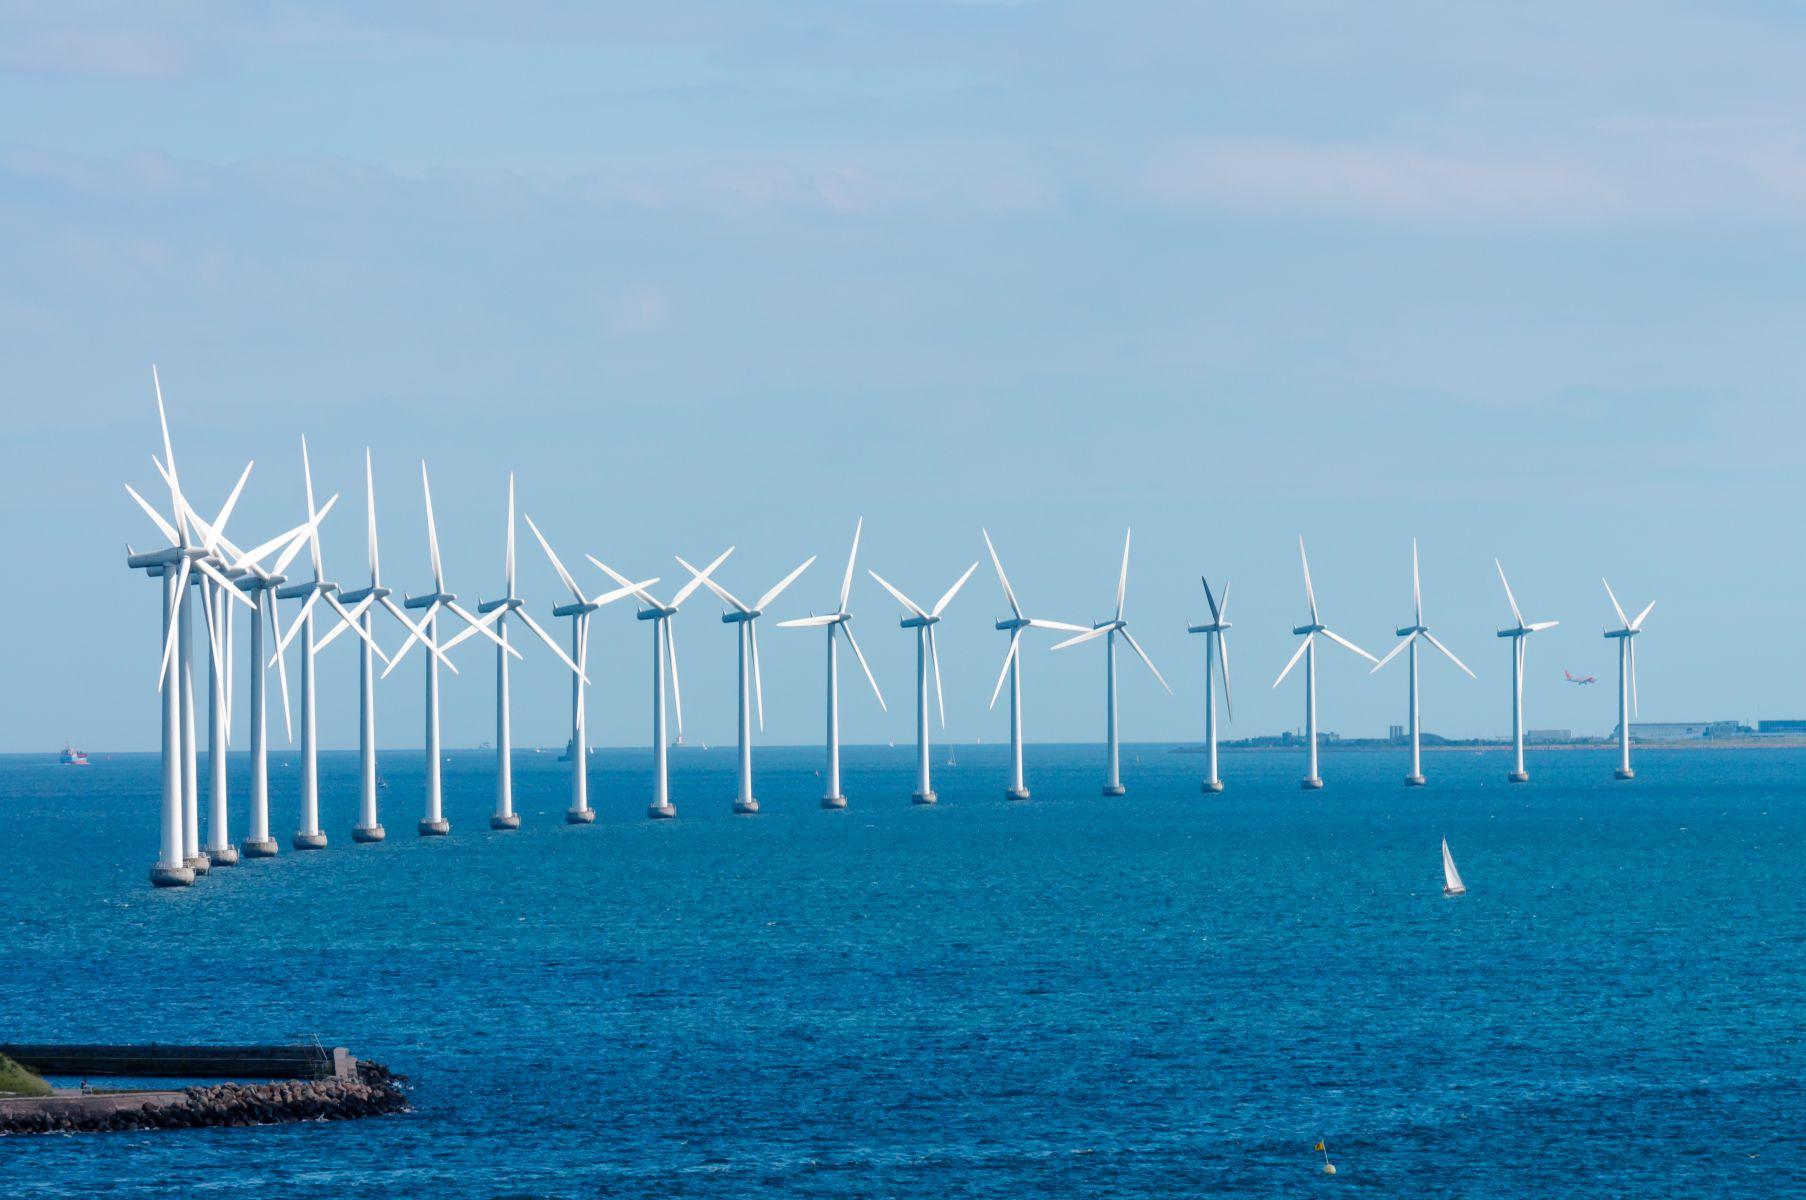 〈離岸風電遴選出爐〉共7家開發商獲選 達德能源為最大贏家